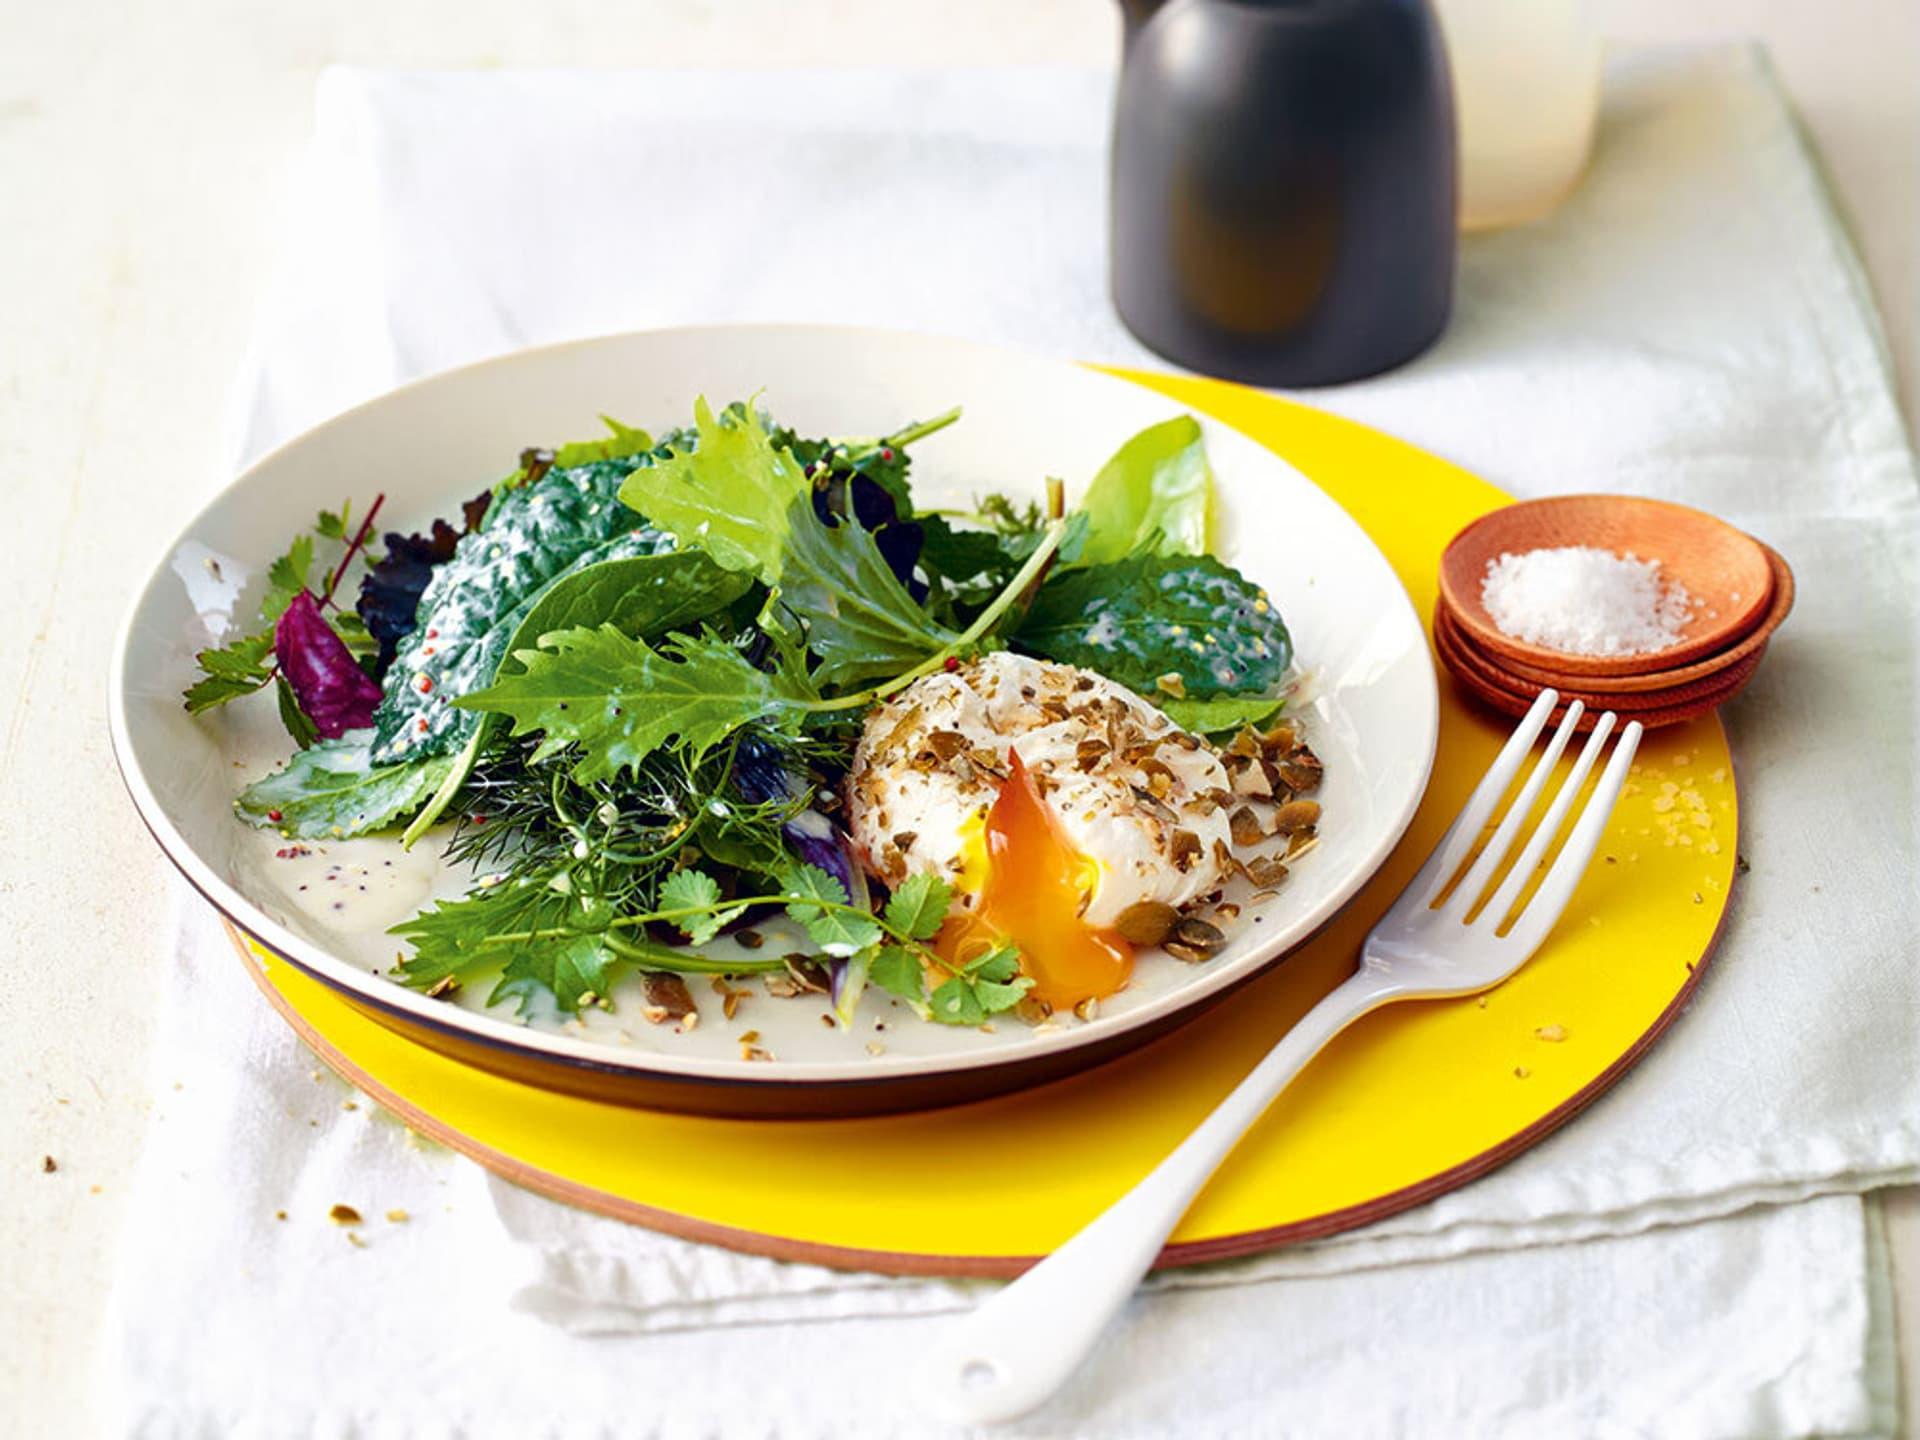 Pochiertes landei mit jungem salat